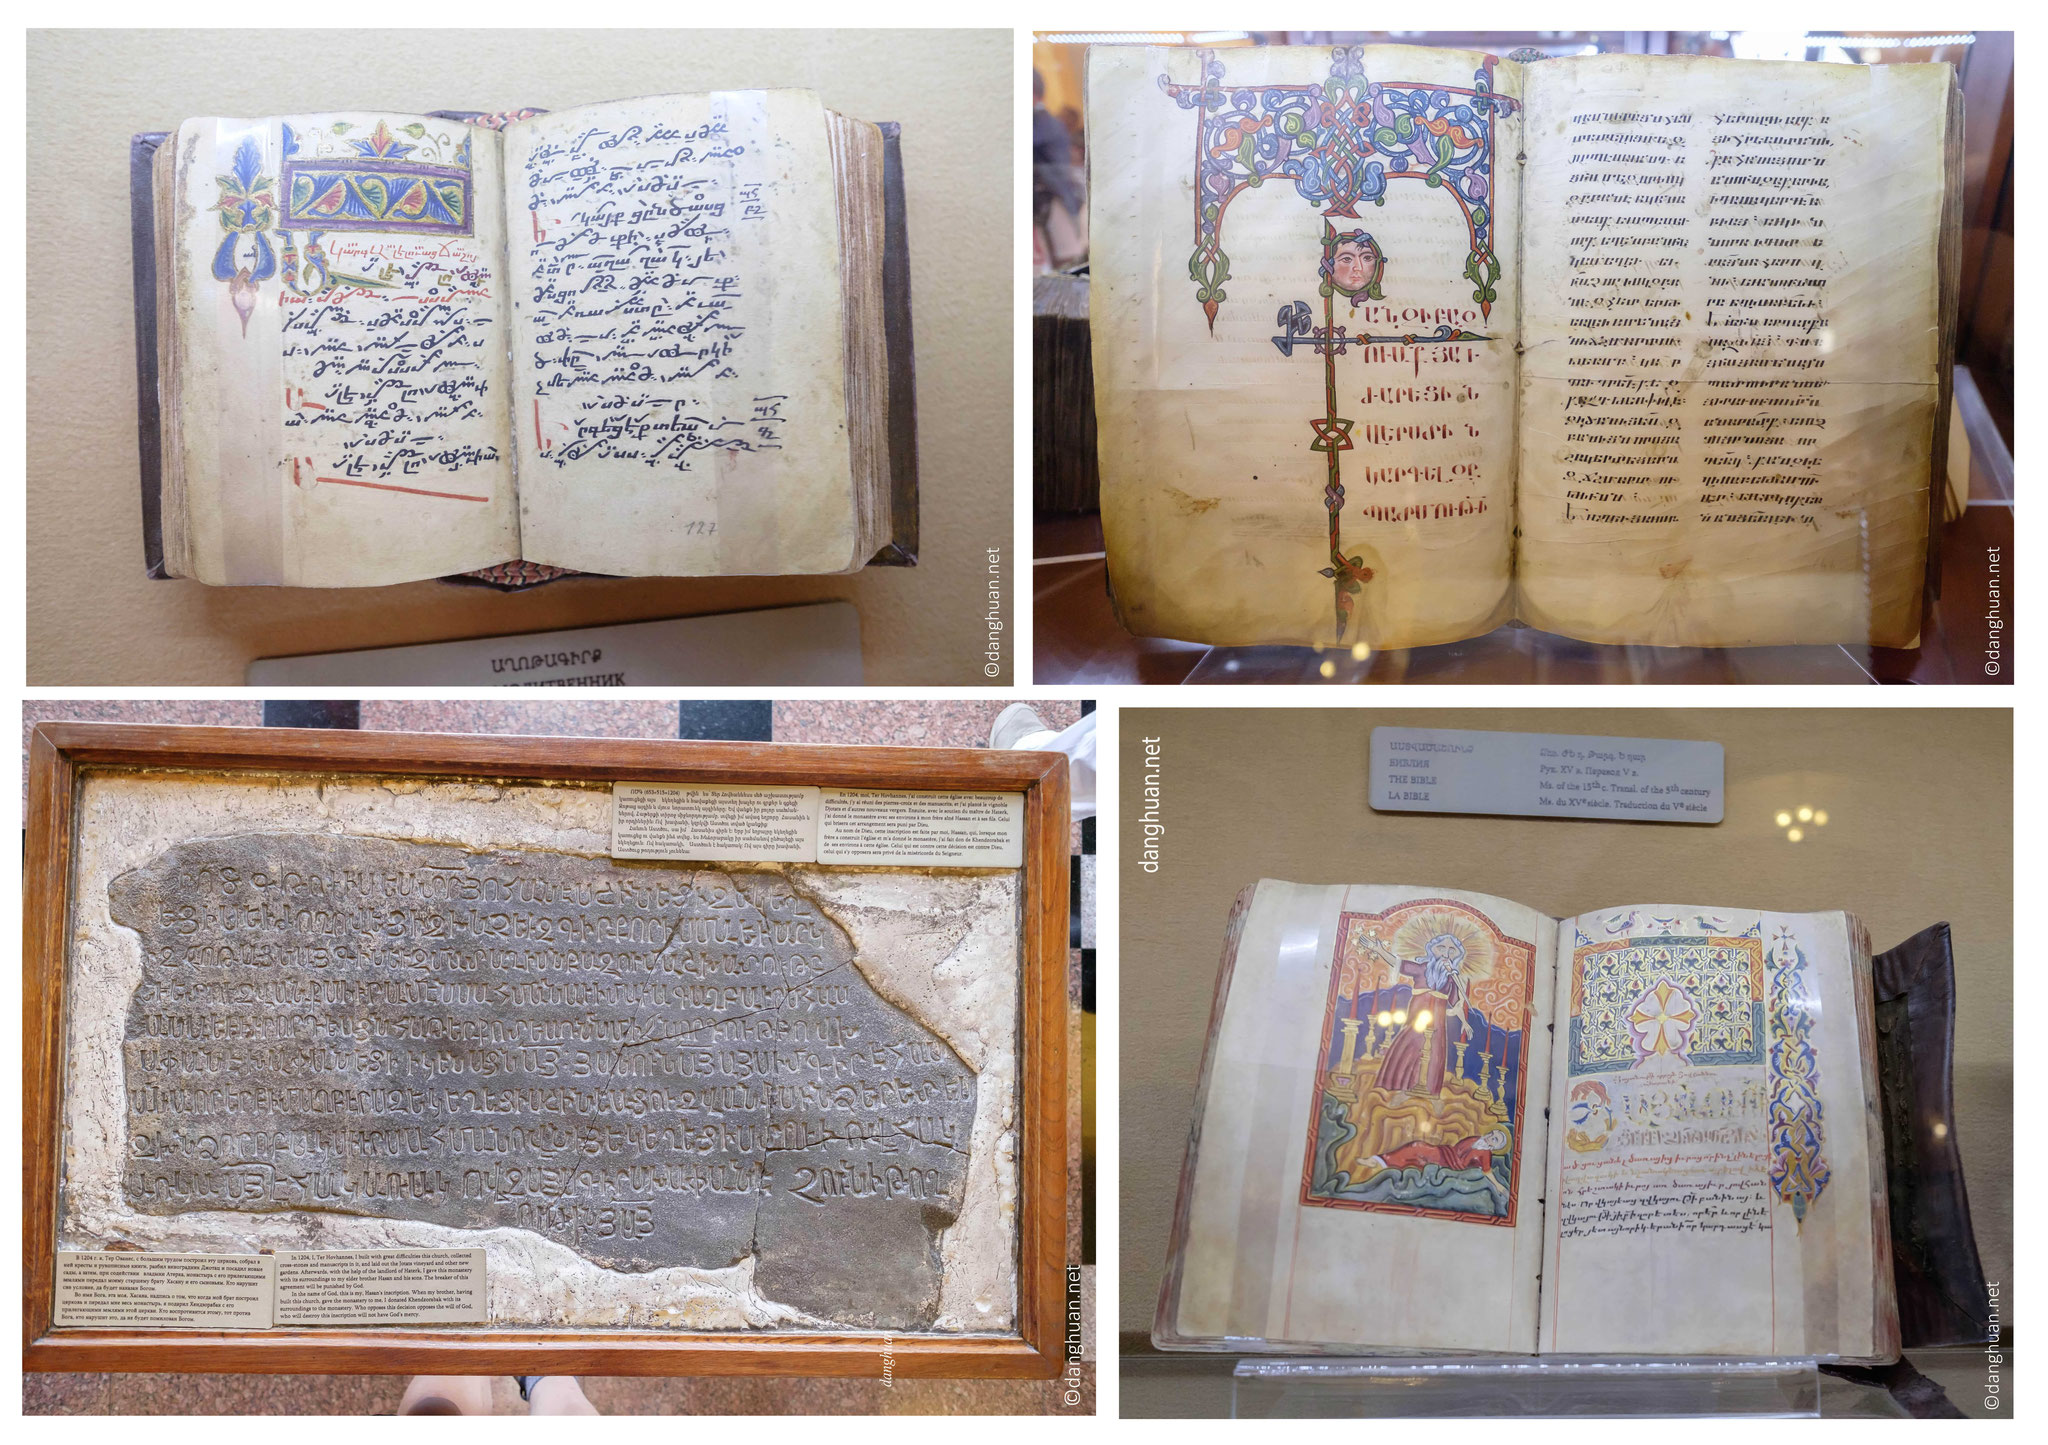 Cet institut de recherche sur les anciens manuscrits abrite 17000 manuscrits ...